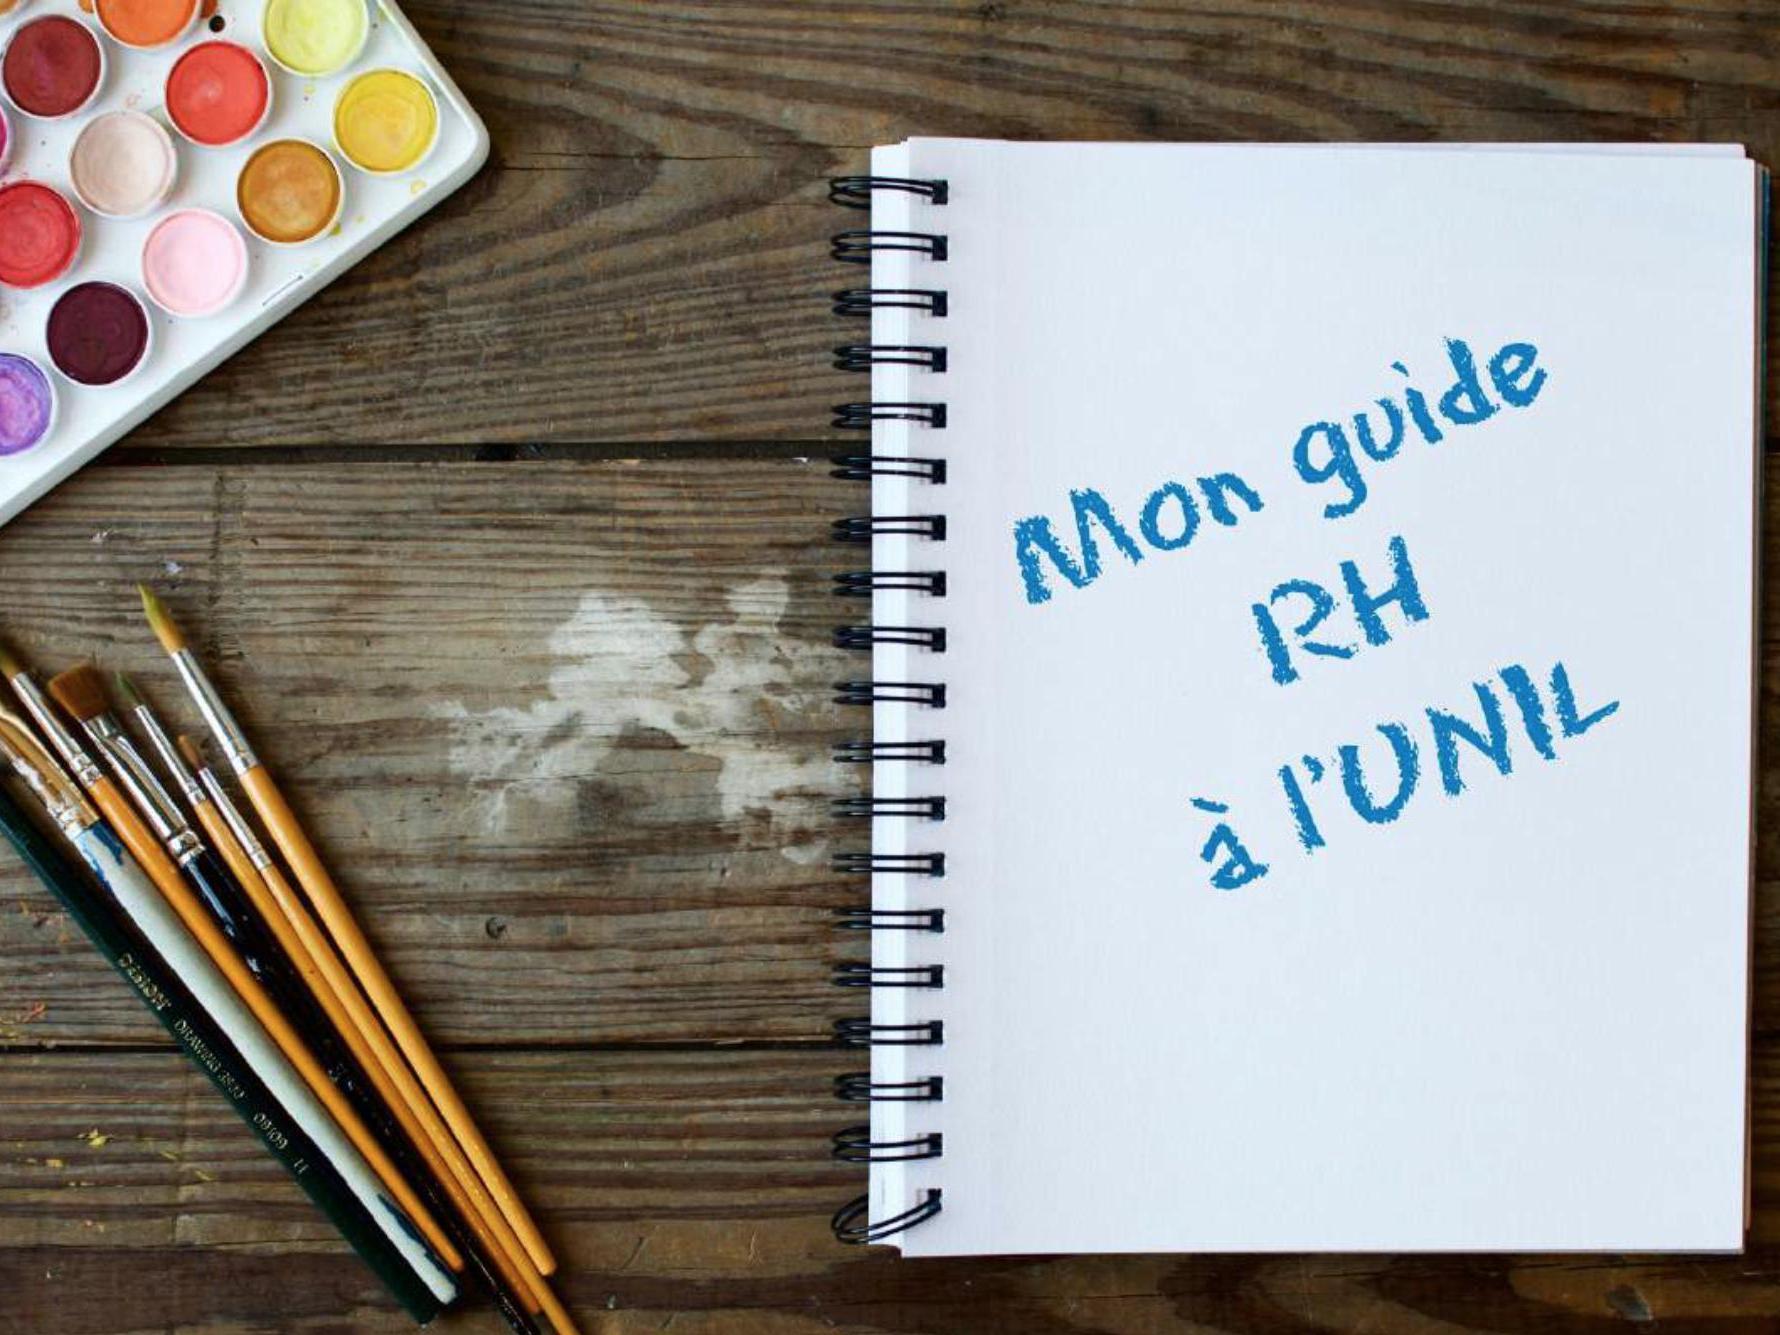 Mon Guide RH à l'UNIL